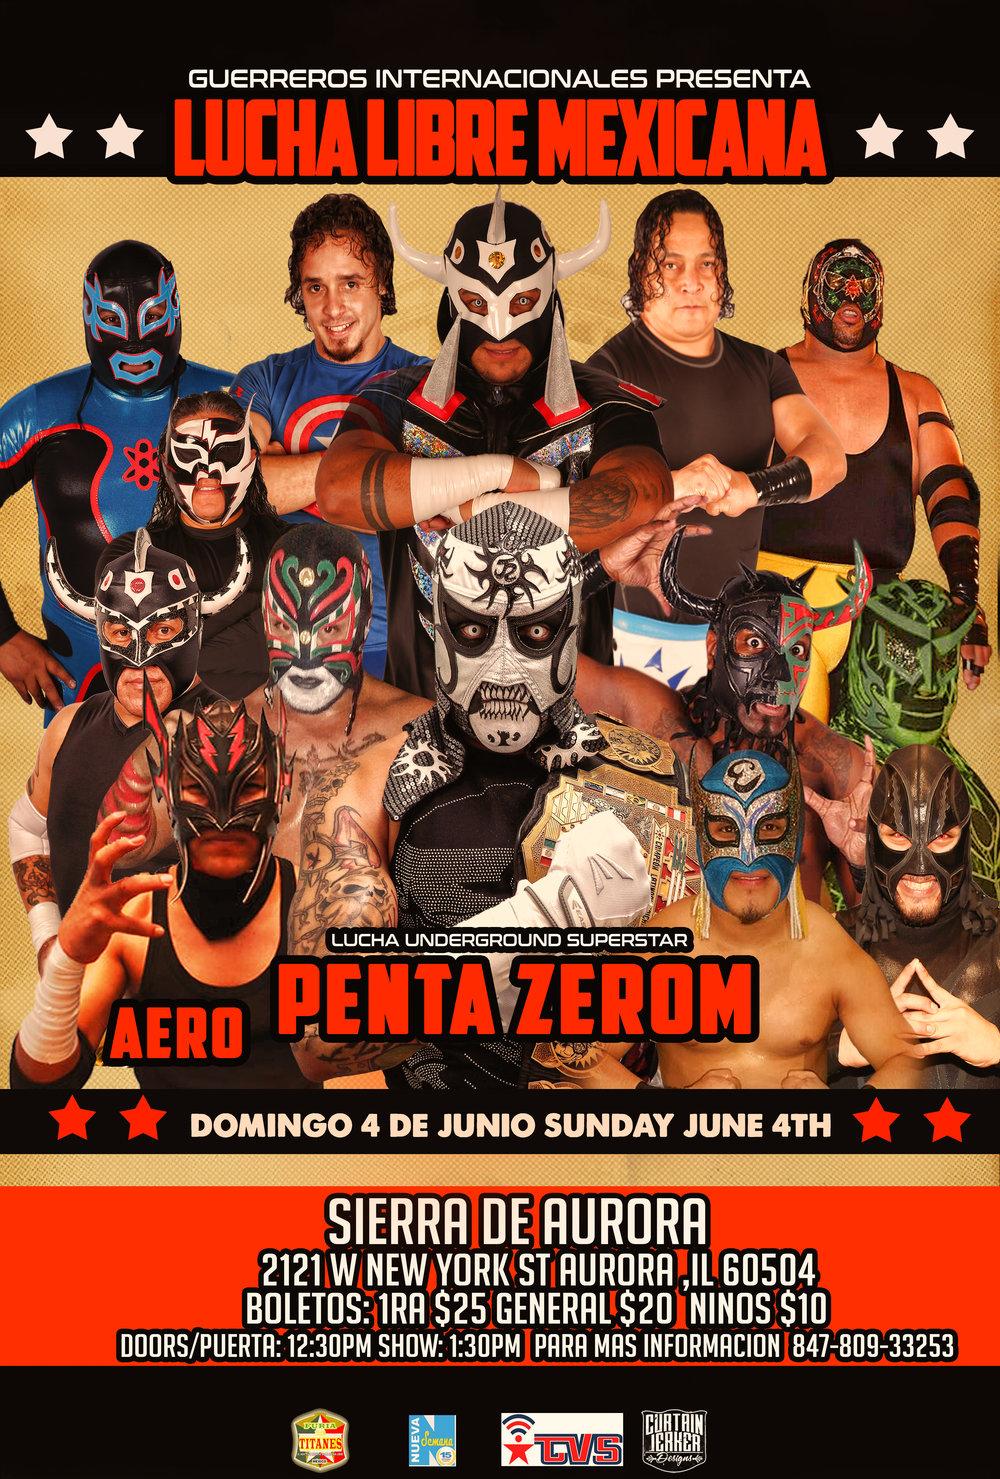 Galli Lucha Libre Mexicana june 4th - Print Marketing jpg.jpg